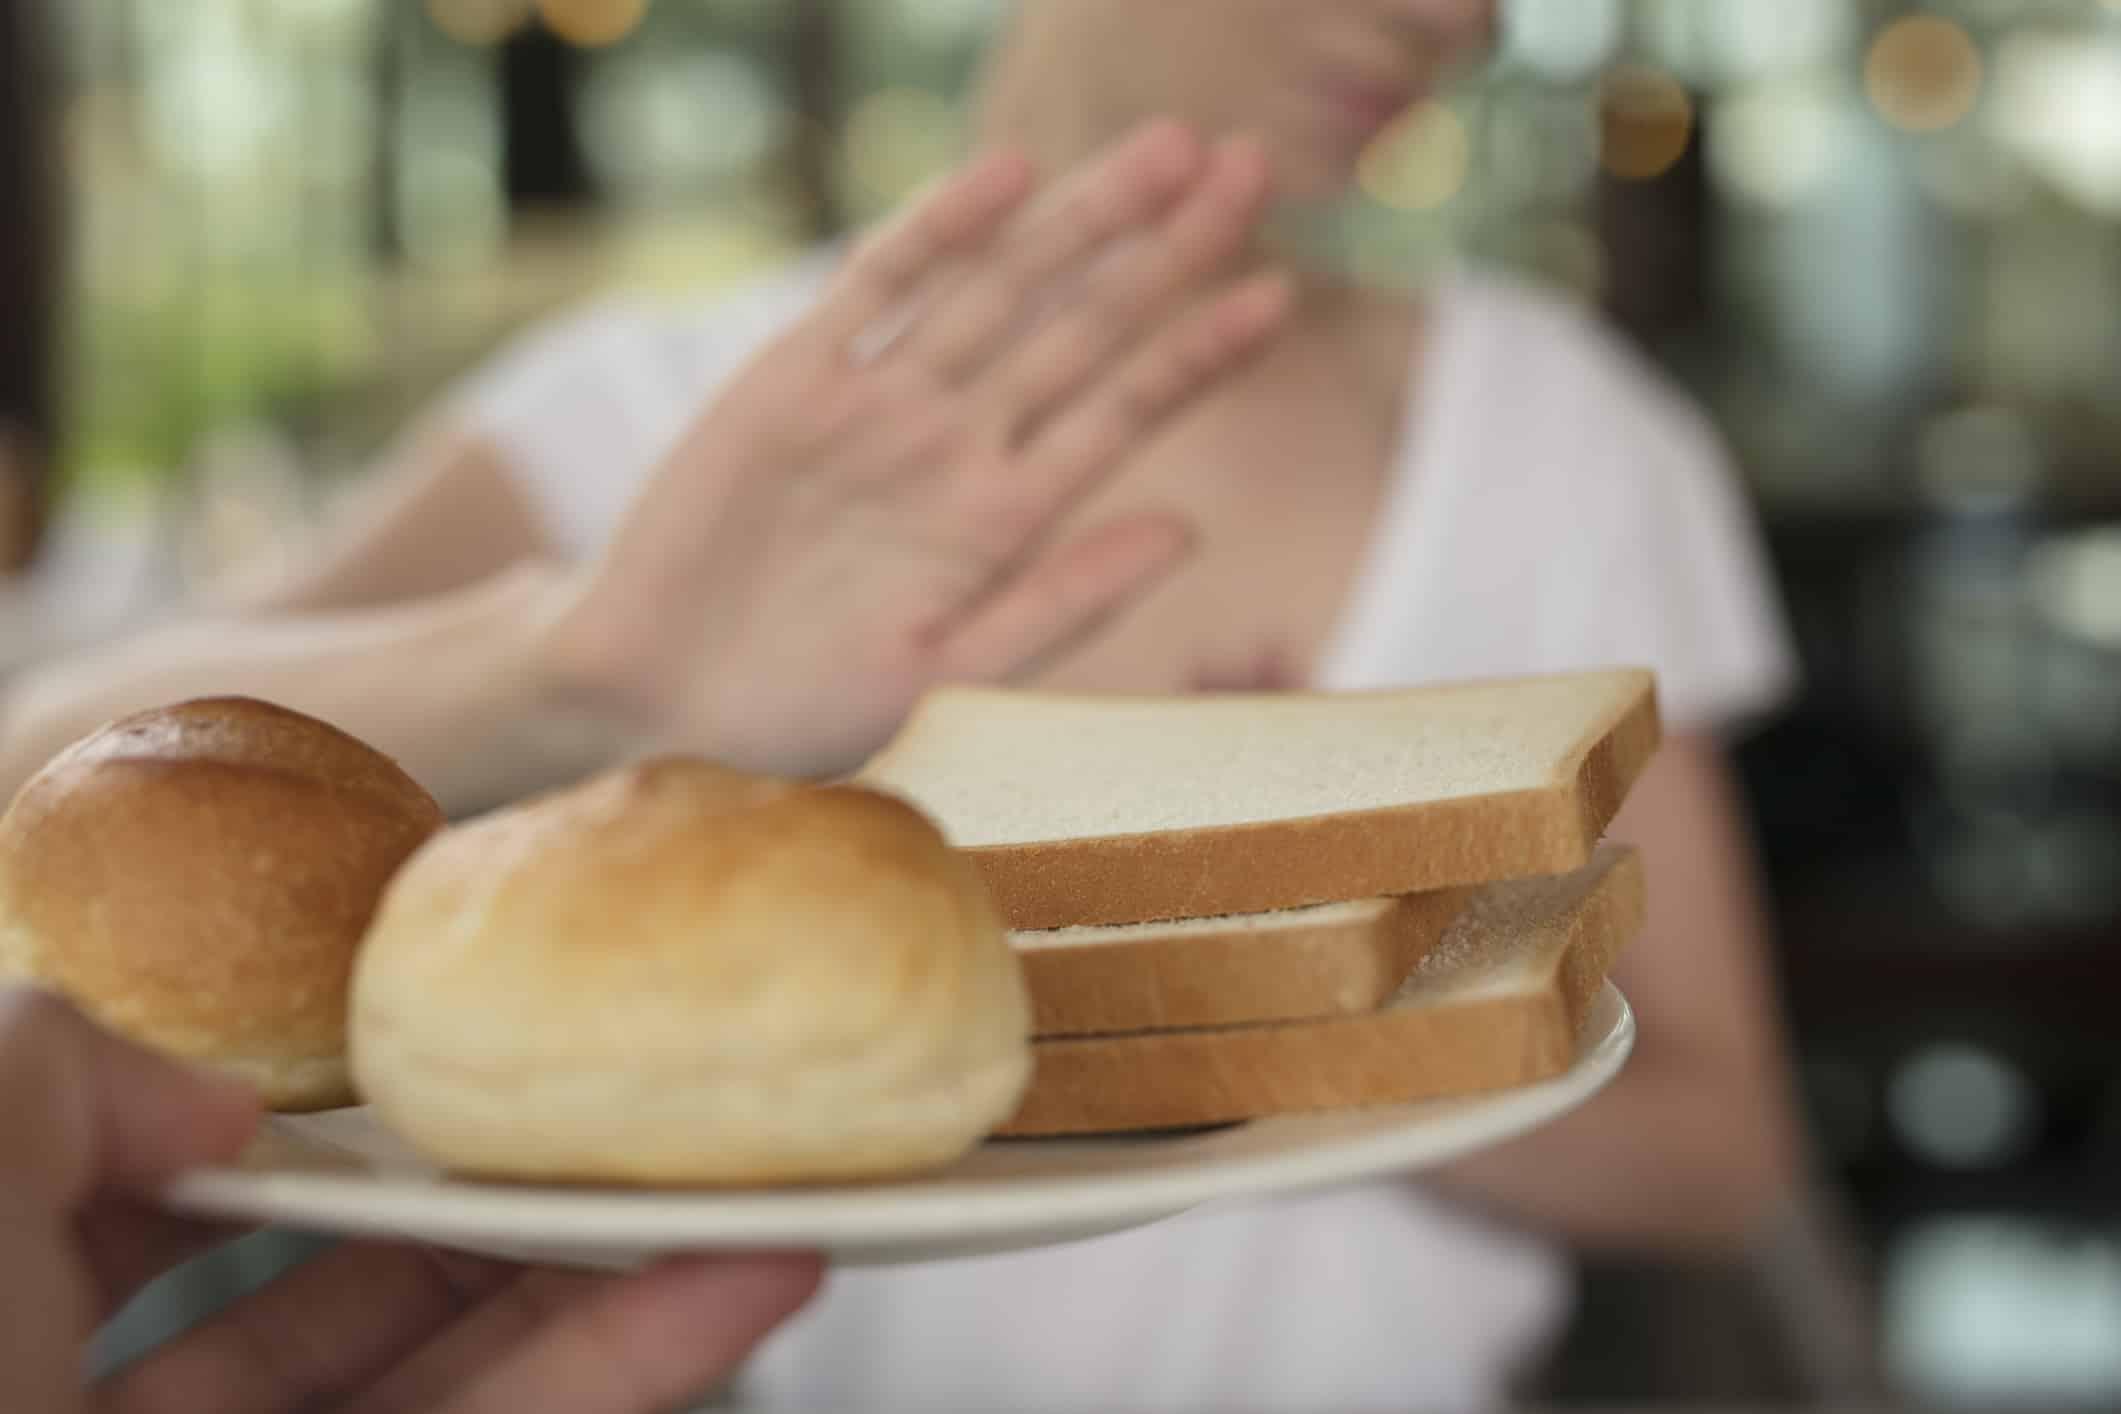 Food Allergy Awareness Week 2021 - National Awareness Days